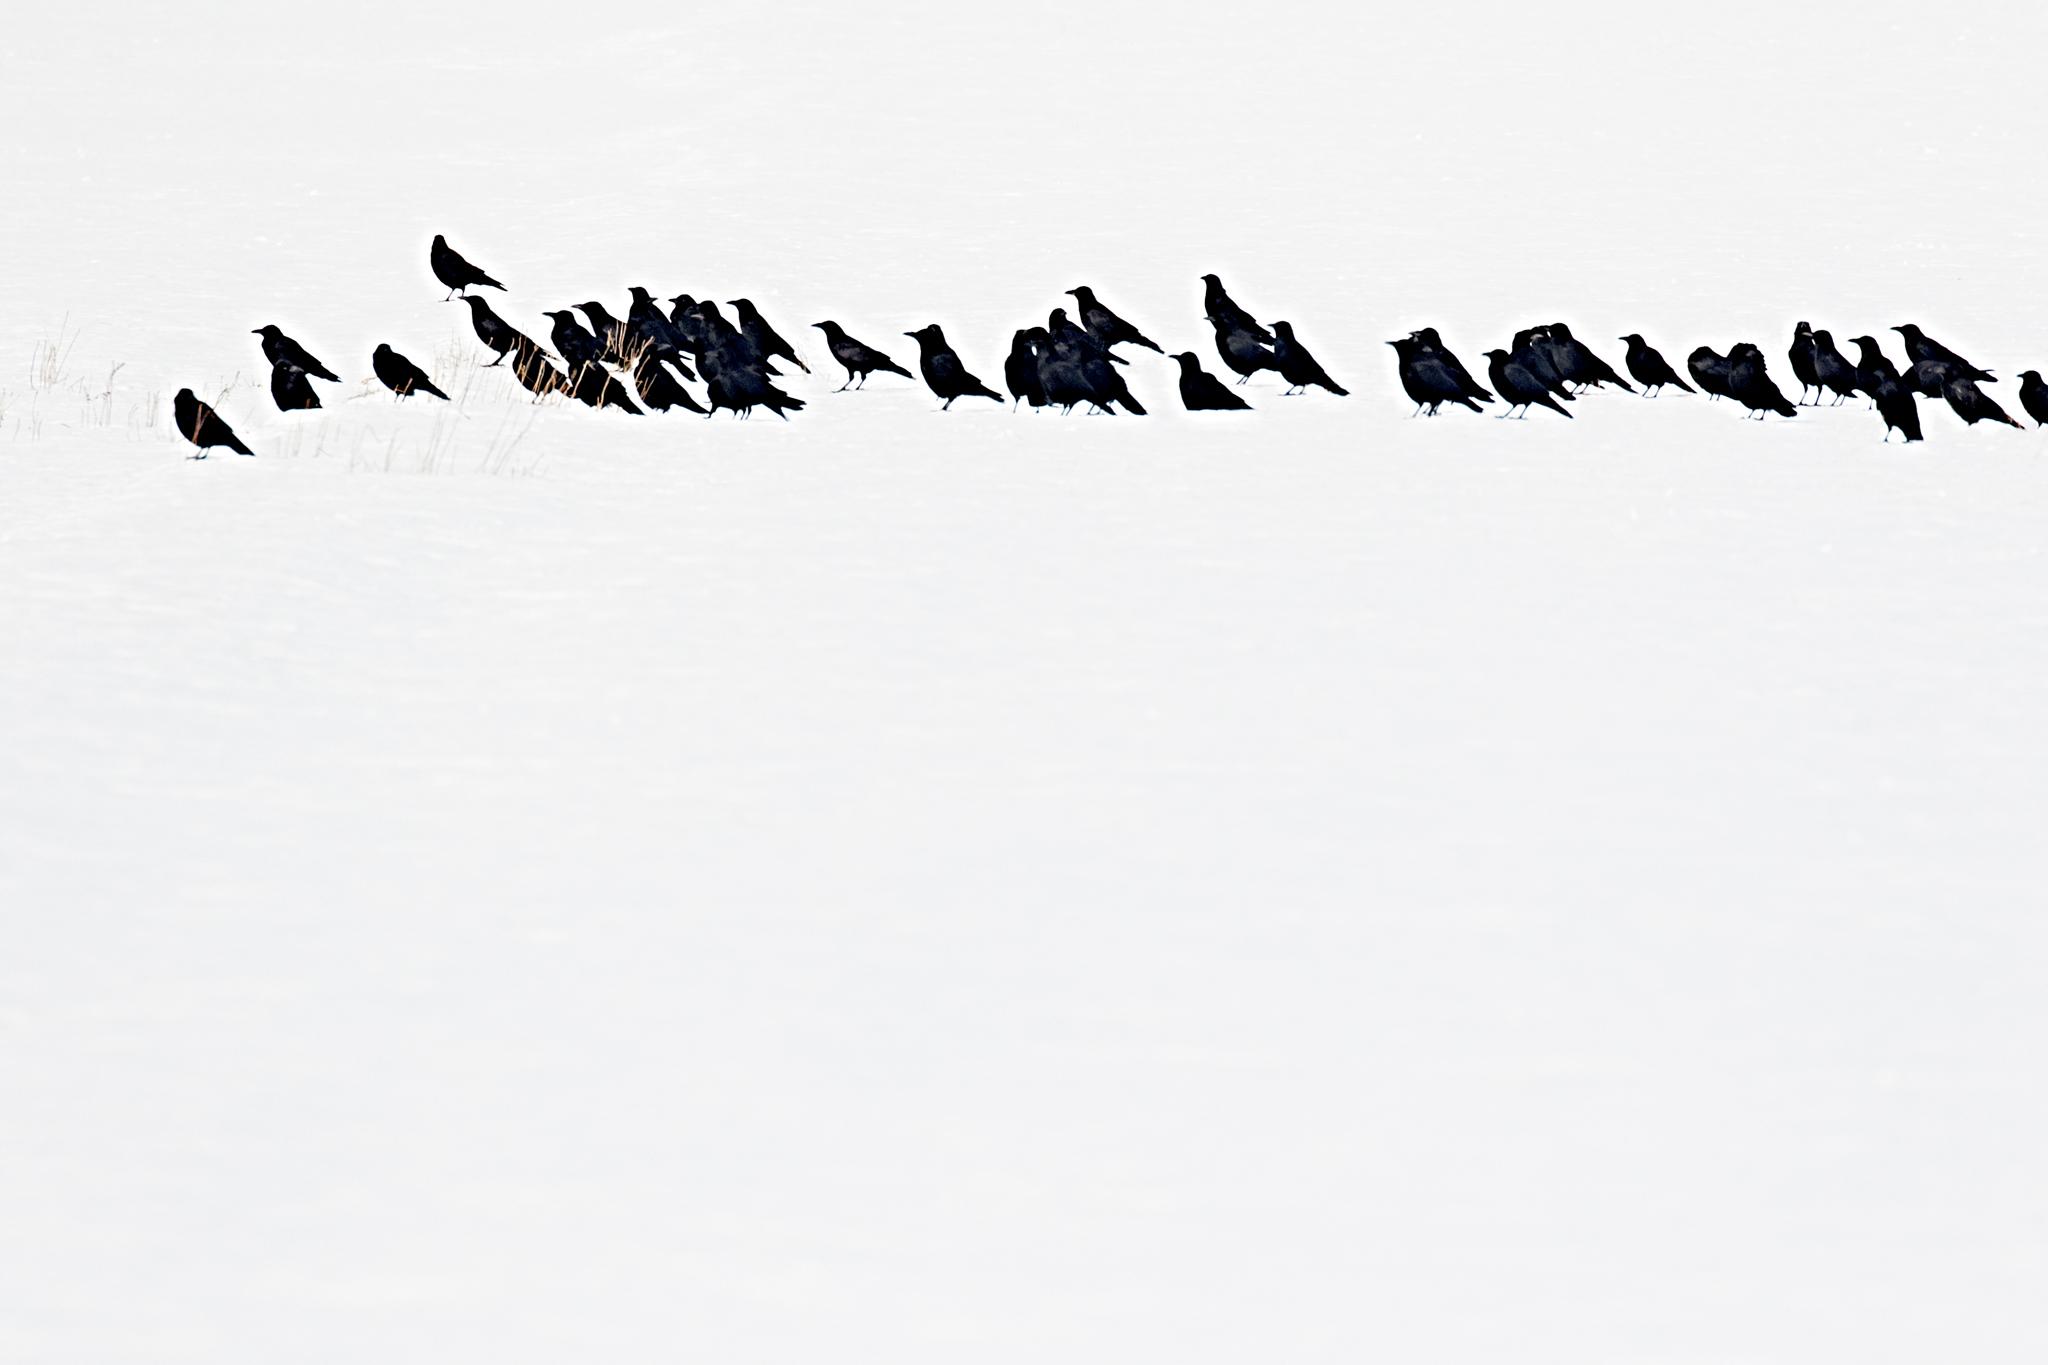 animal10_blackbird02